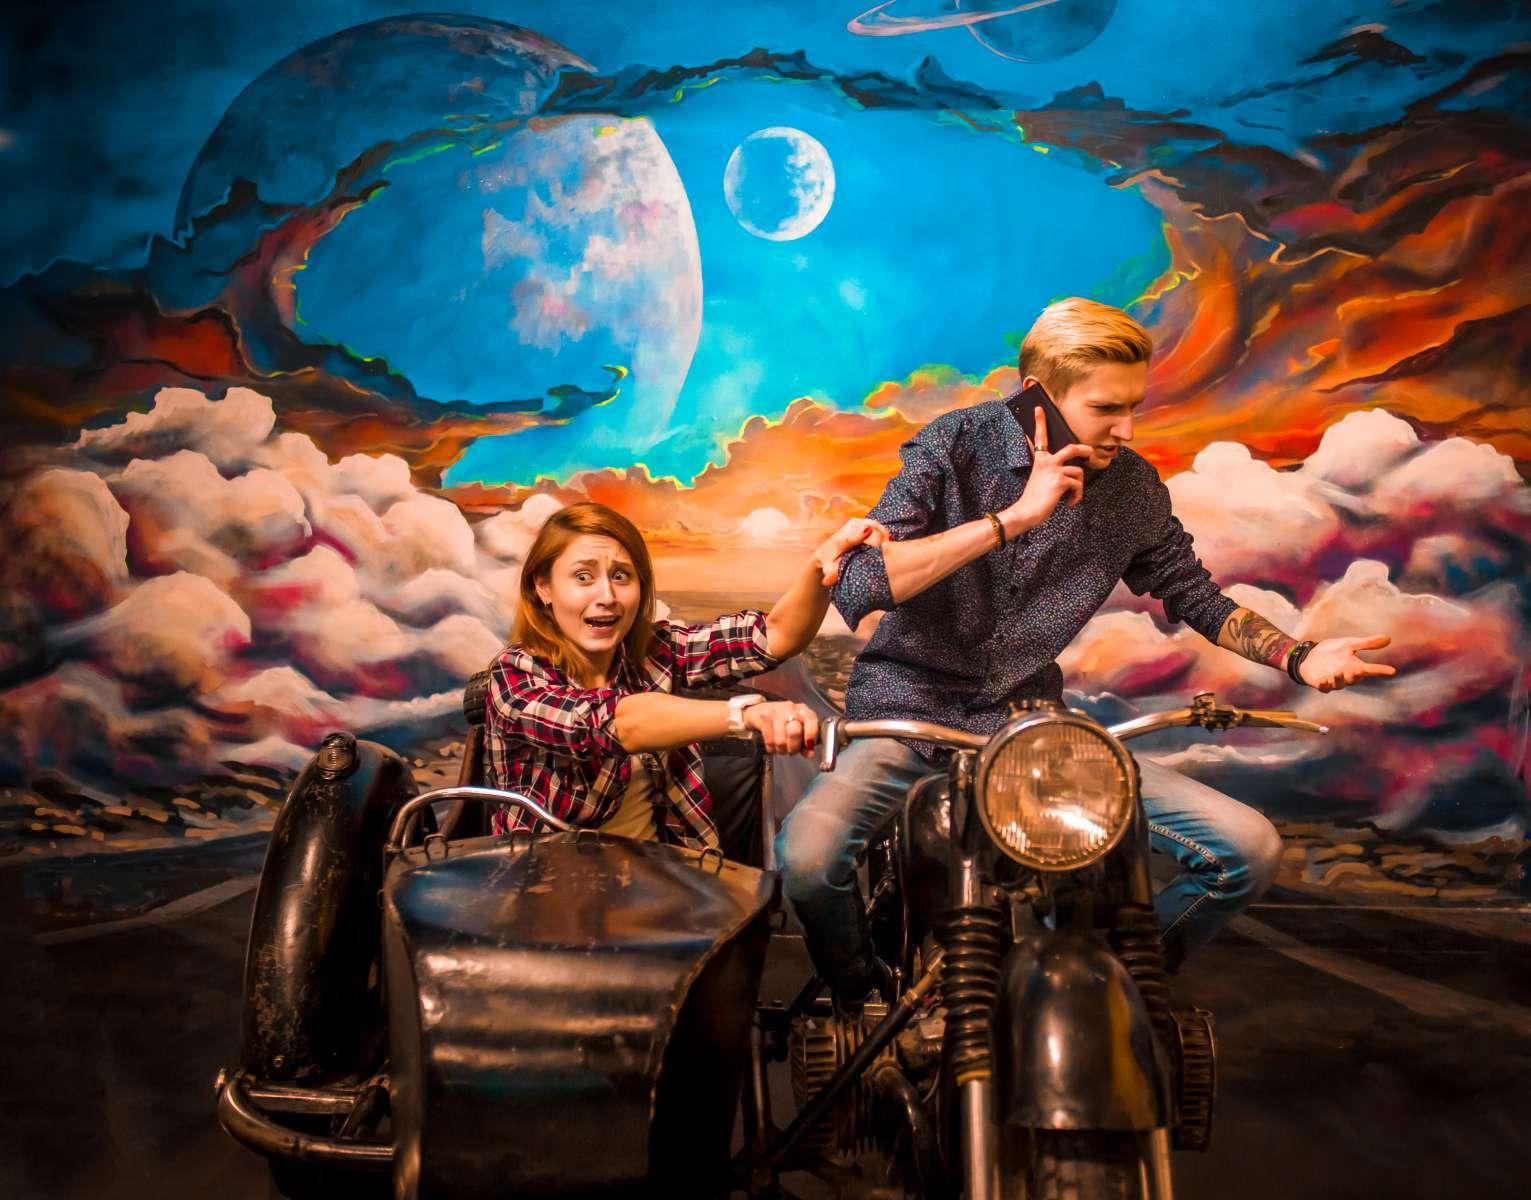 первом музей иллюзий в москве картинки гришин талантливый